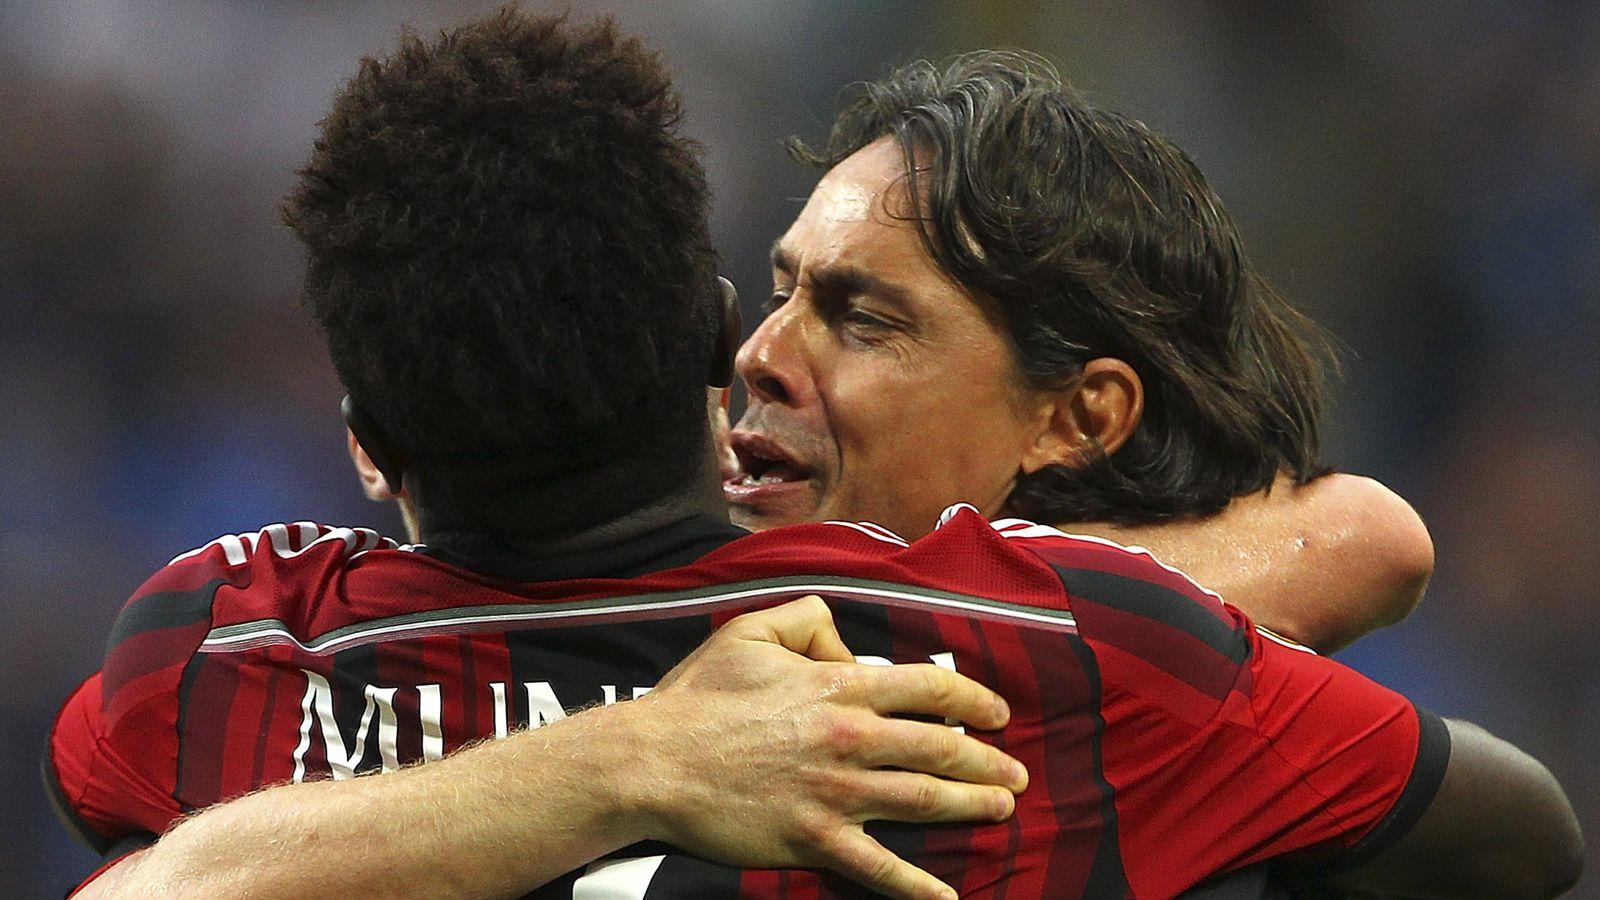 AC Milan vs. Lazio: Final score 3-1, Filippo Inzaghi starts with a win - SB Nation